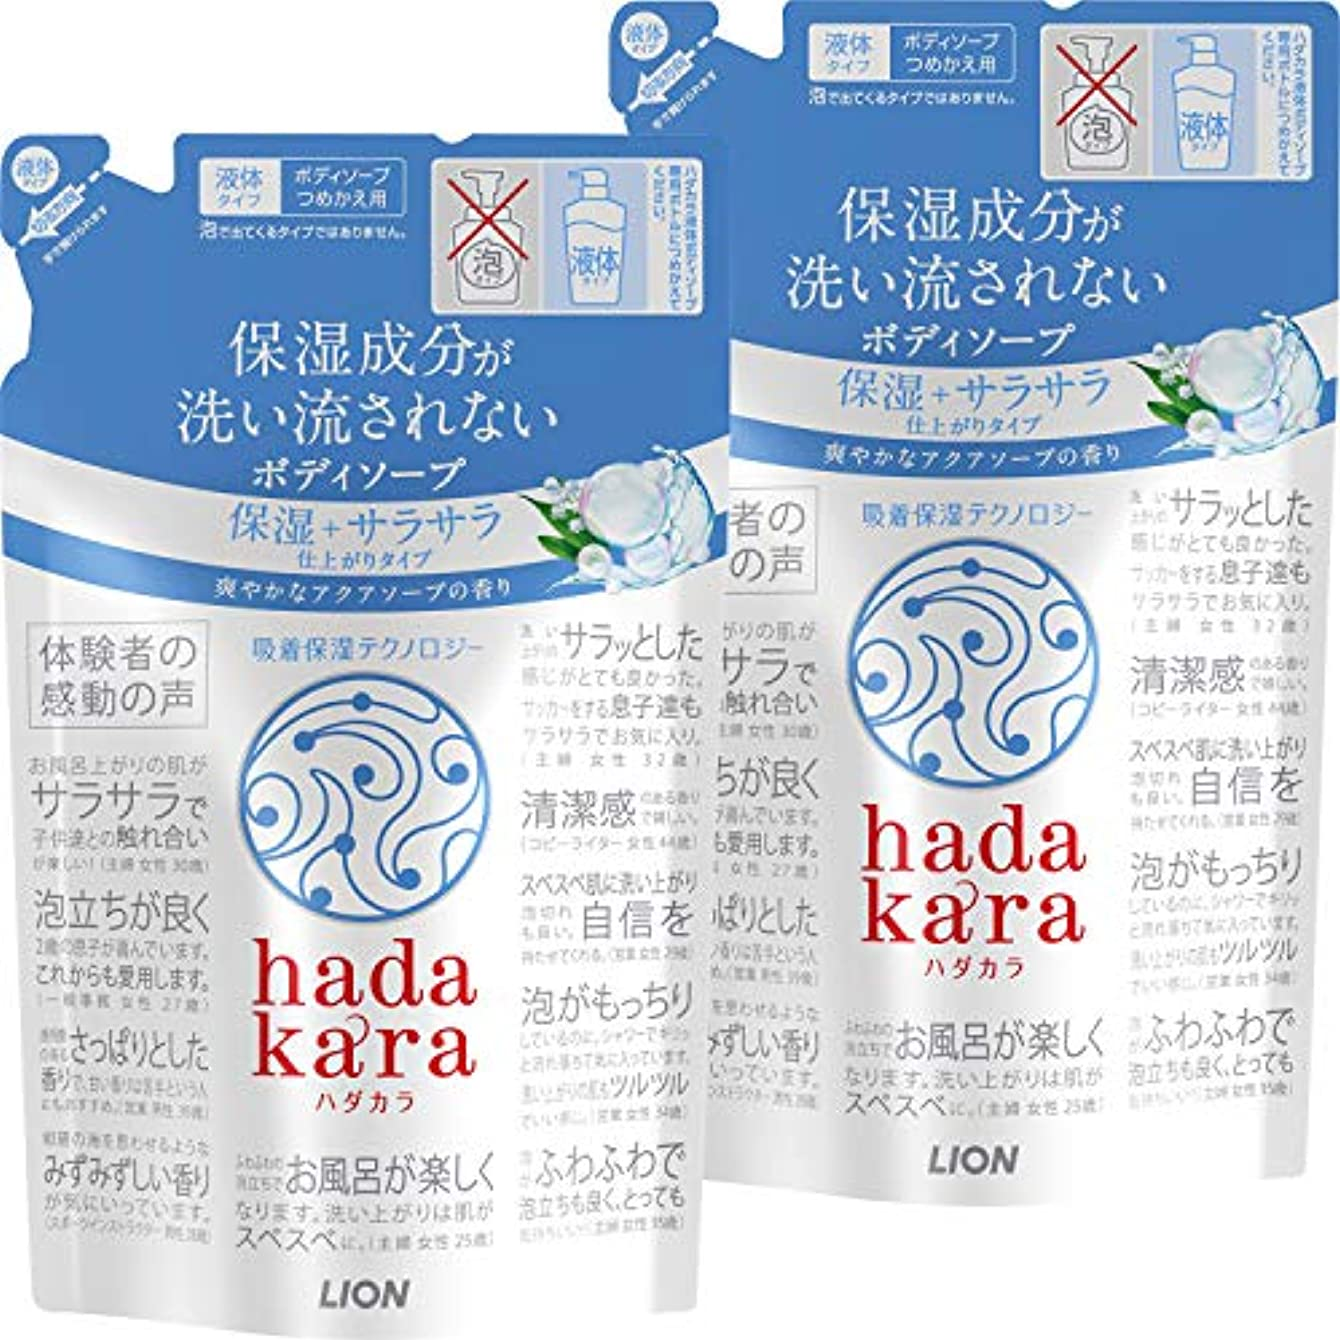 【まとめ買い】hadakara(ハダカラ) ボディソープ 保湿+サラサラ仕上がりタイプ アクアソープの香り 詰め替え 340ml×2個パック